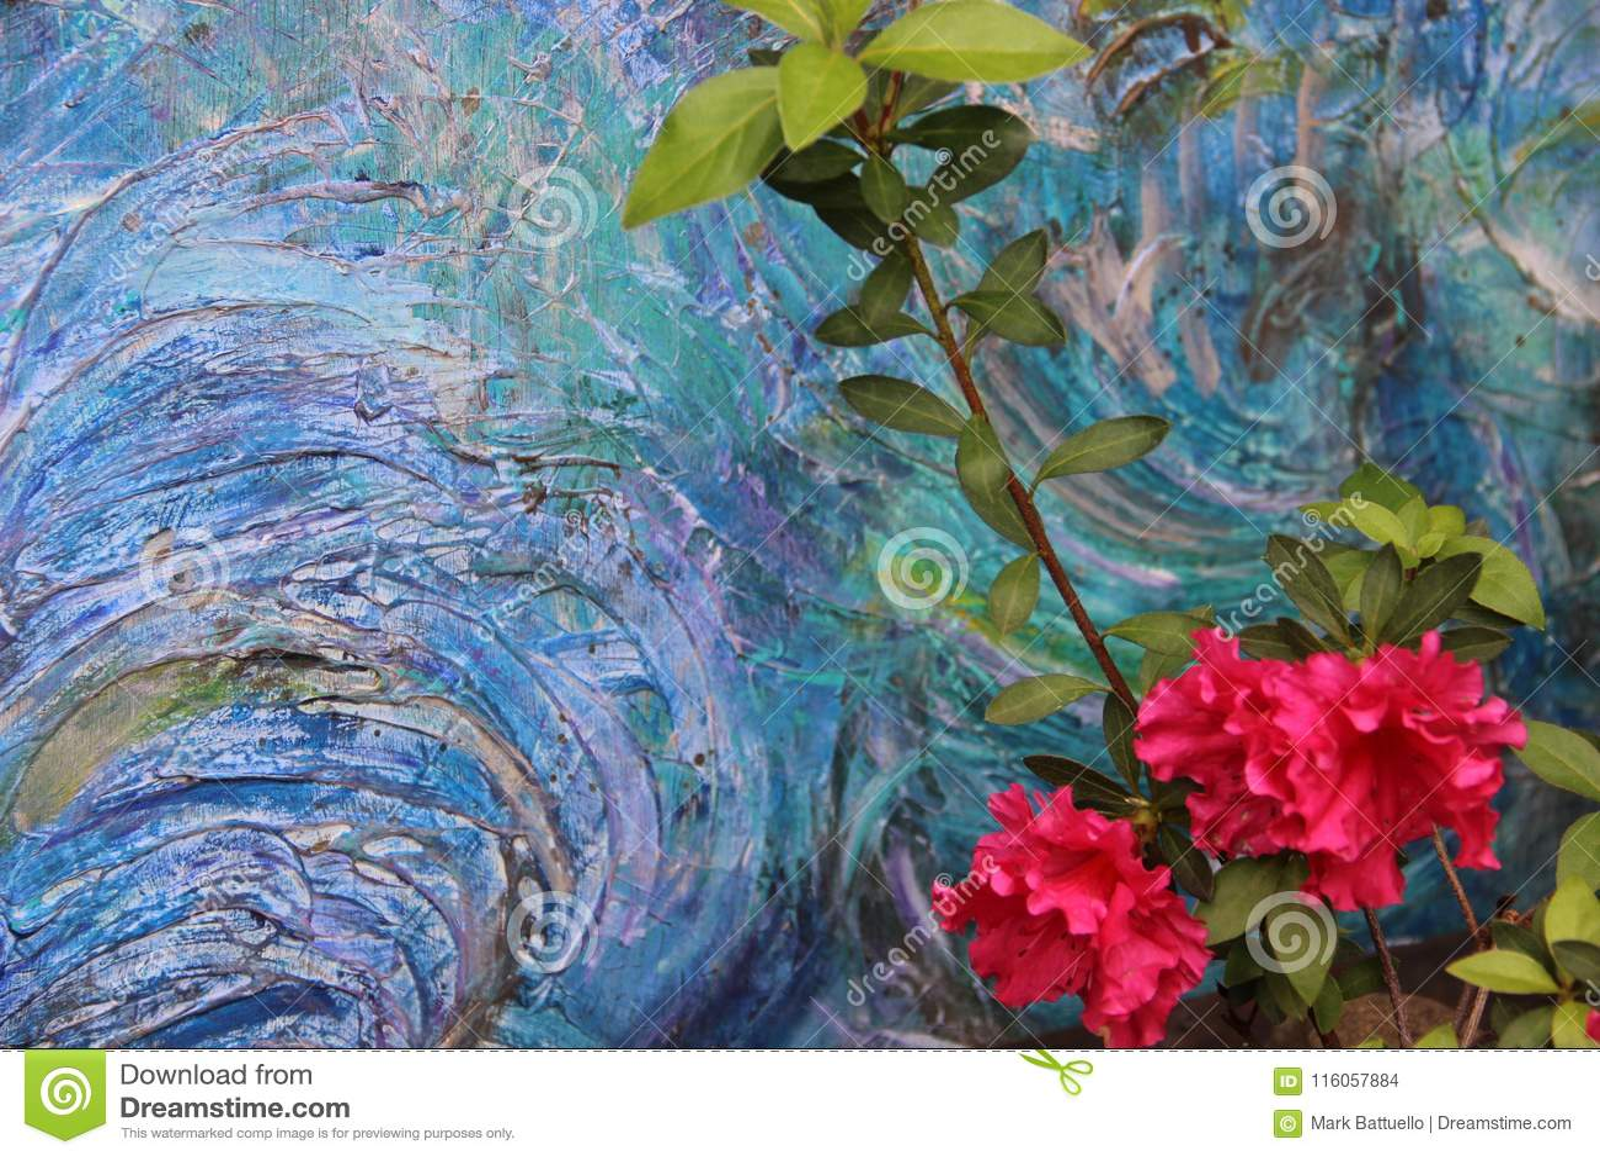 Colores oceánicos de la pintura de acrílico abstracta con mi Azalea In The Foreground